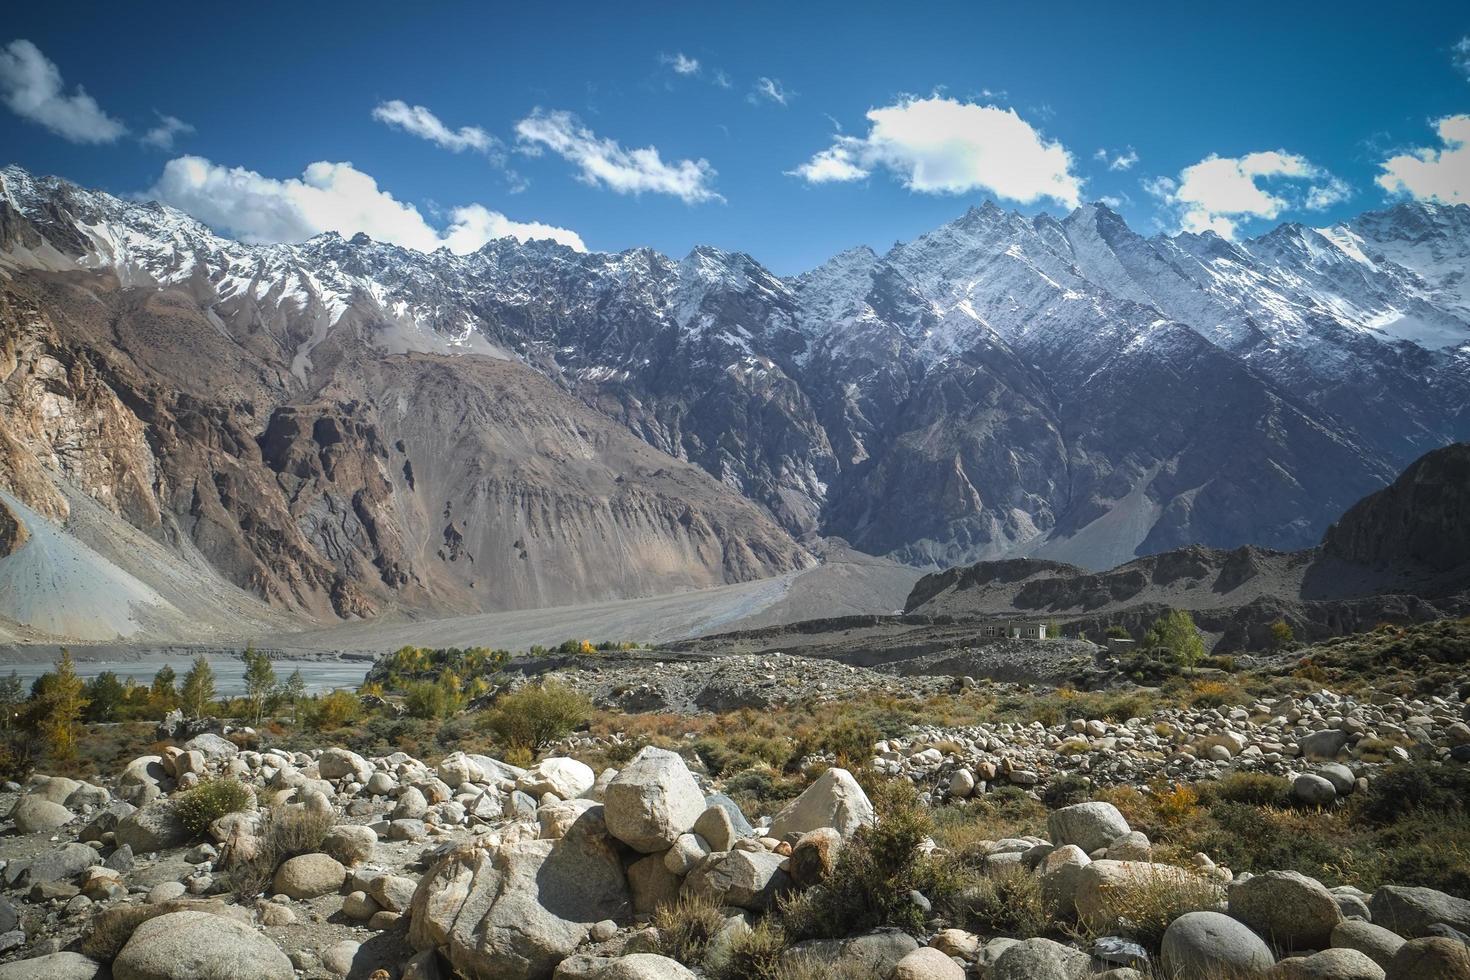 vista del paesaggio della catena montuosa del karakoram in Pakistan foto